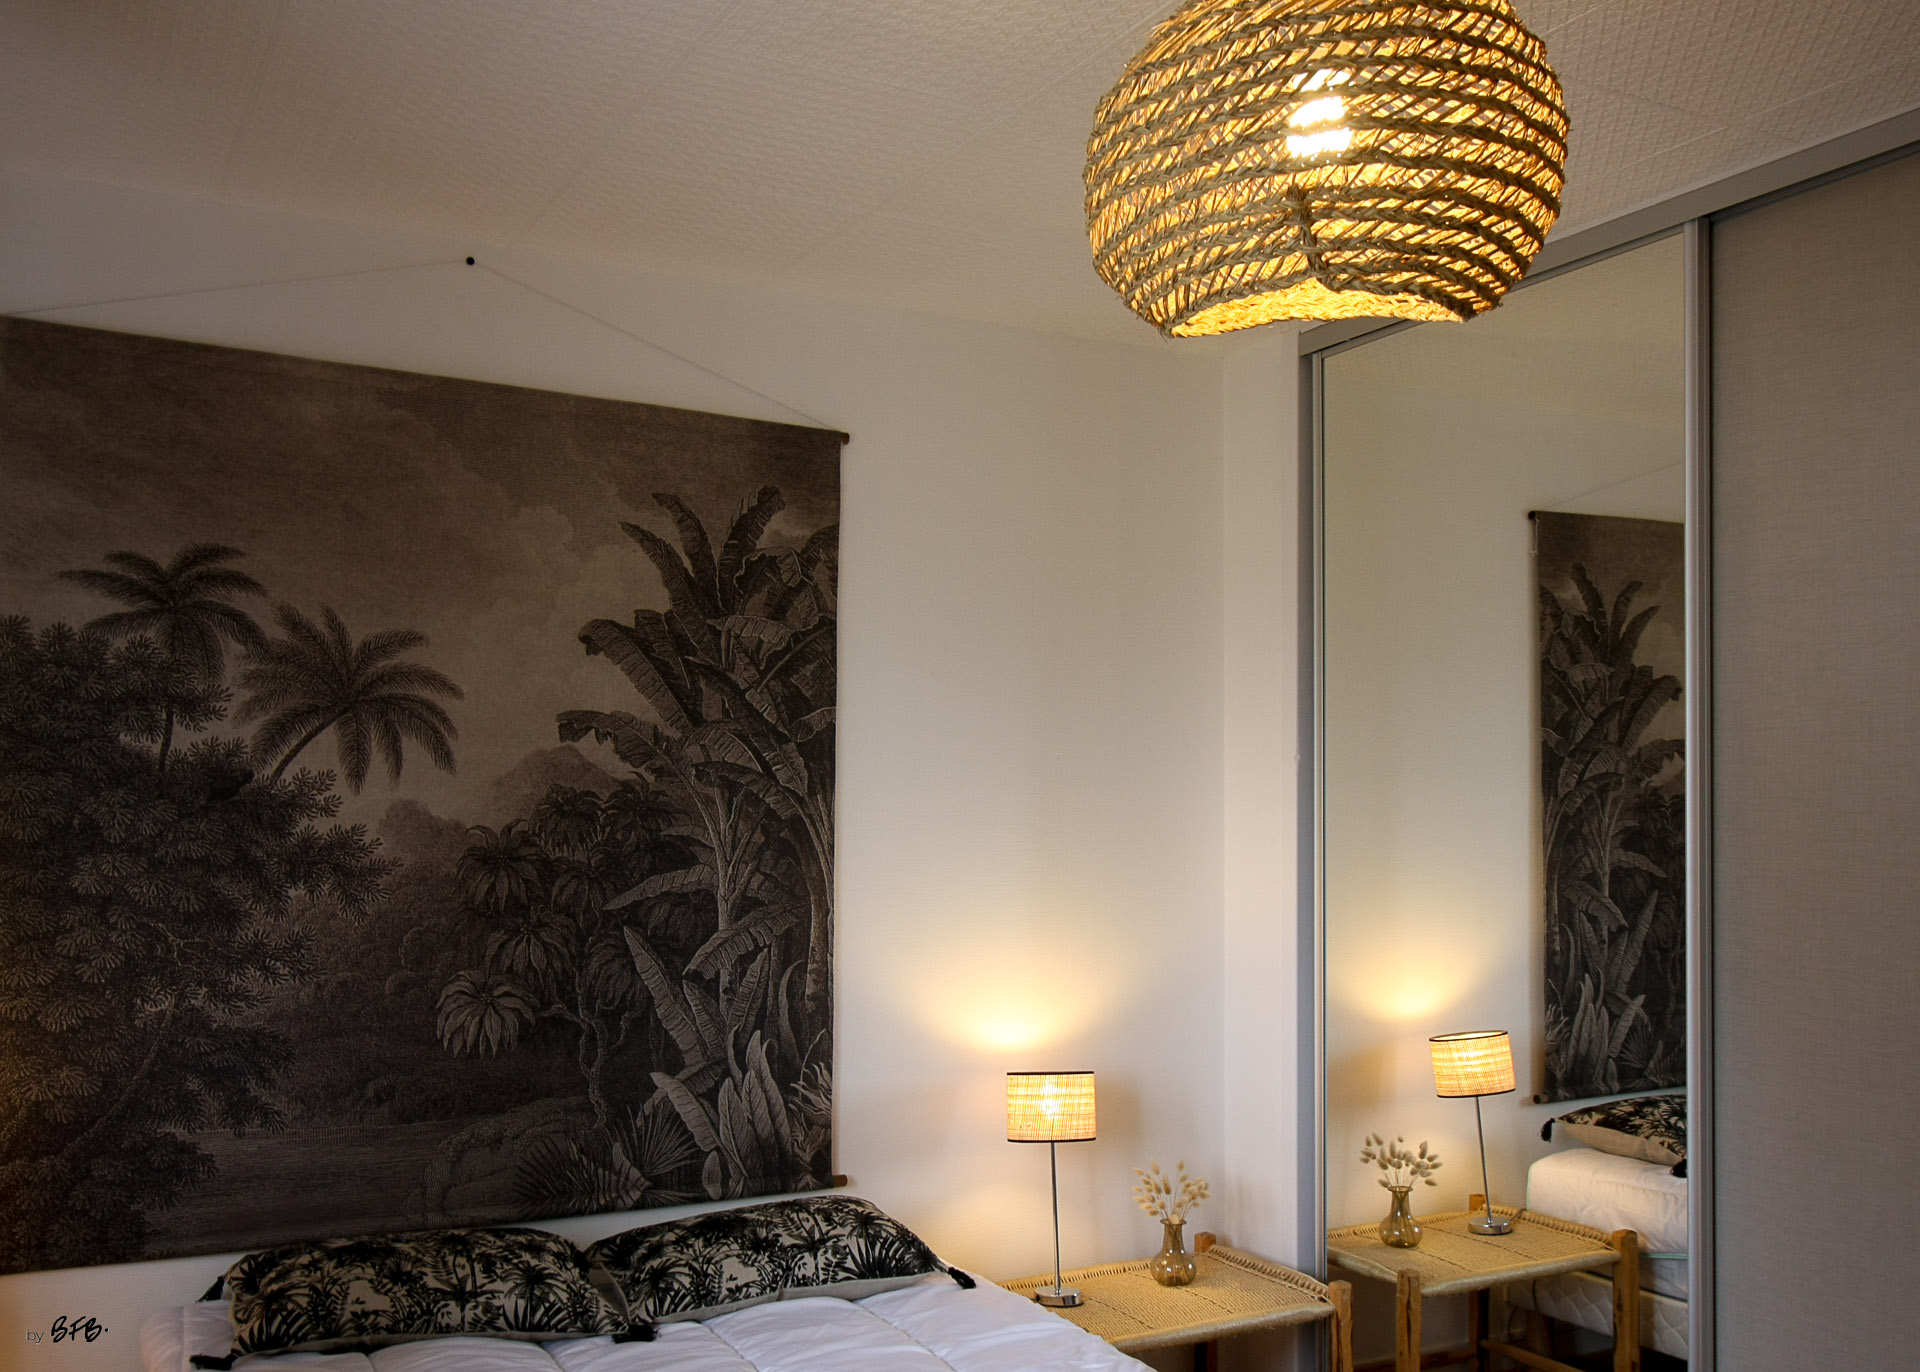 Rénovation appartement Ploemeur by Agence BFB Morbihan et Ile de Ré, la chambre détail tenture murale et lampe fibres naturelles